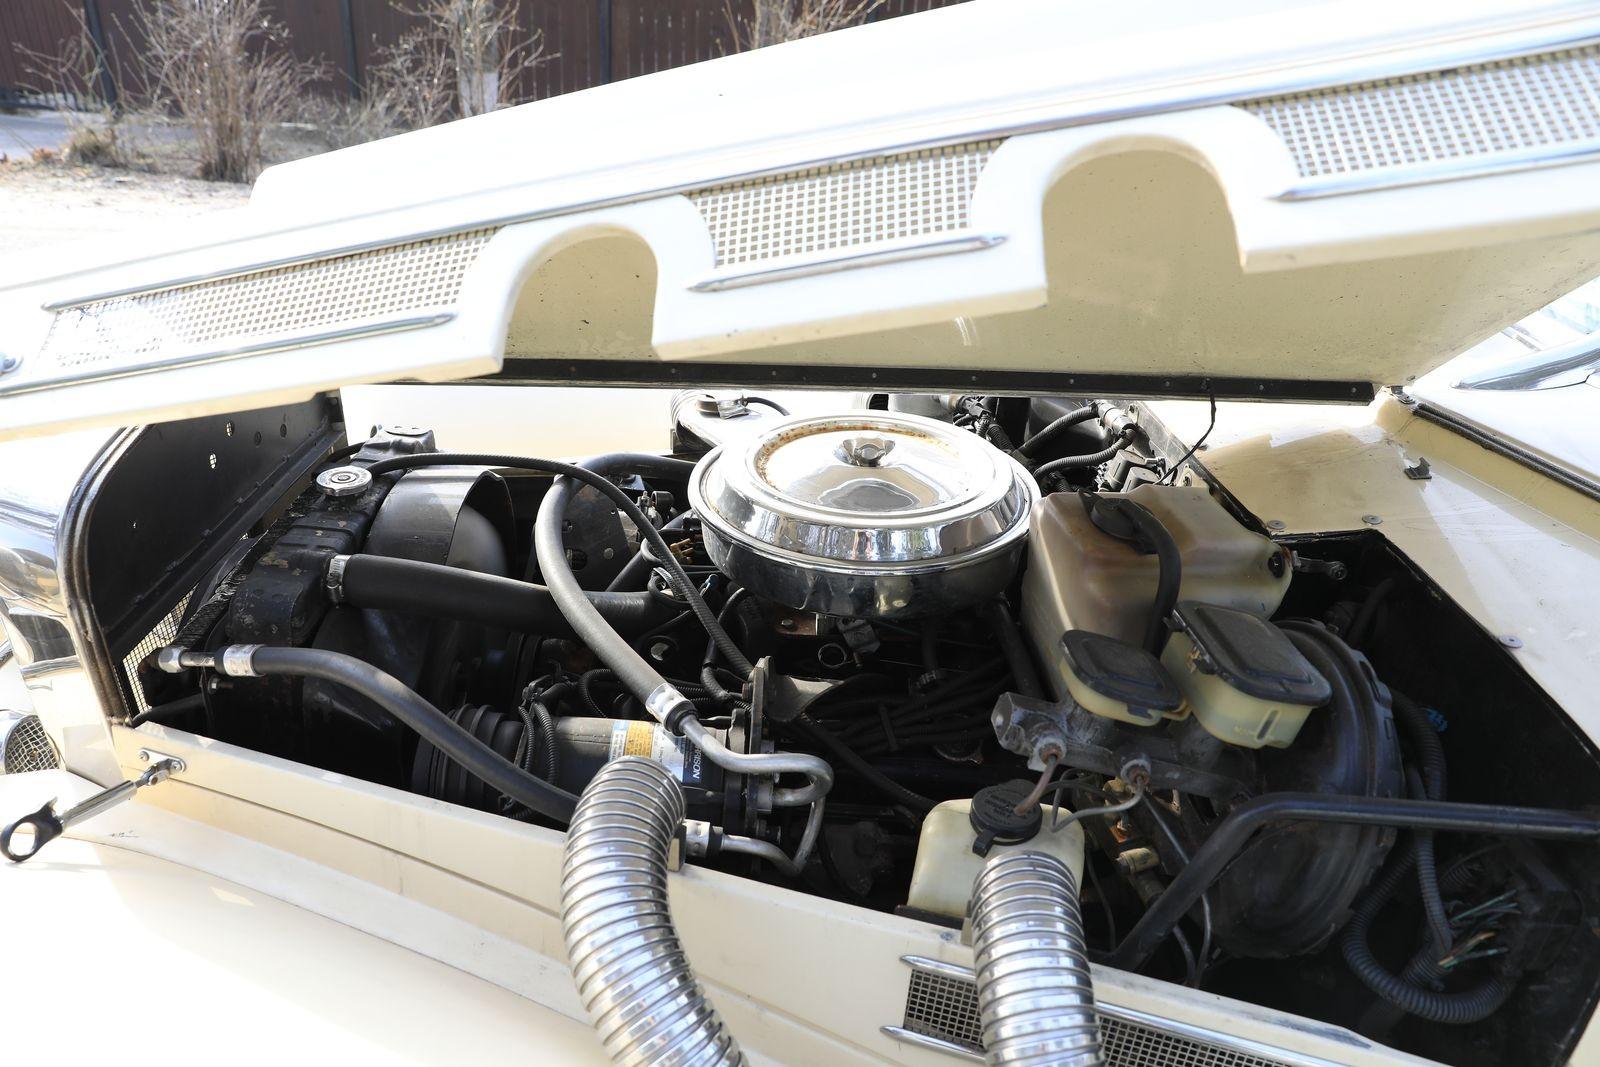 Не колхоз, а реплика: тест Mercedes-Benz 500K на базе Chevrolet Caprice